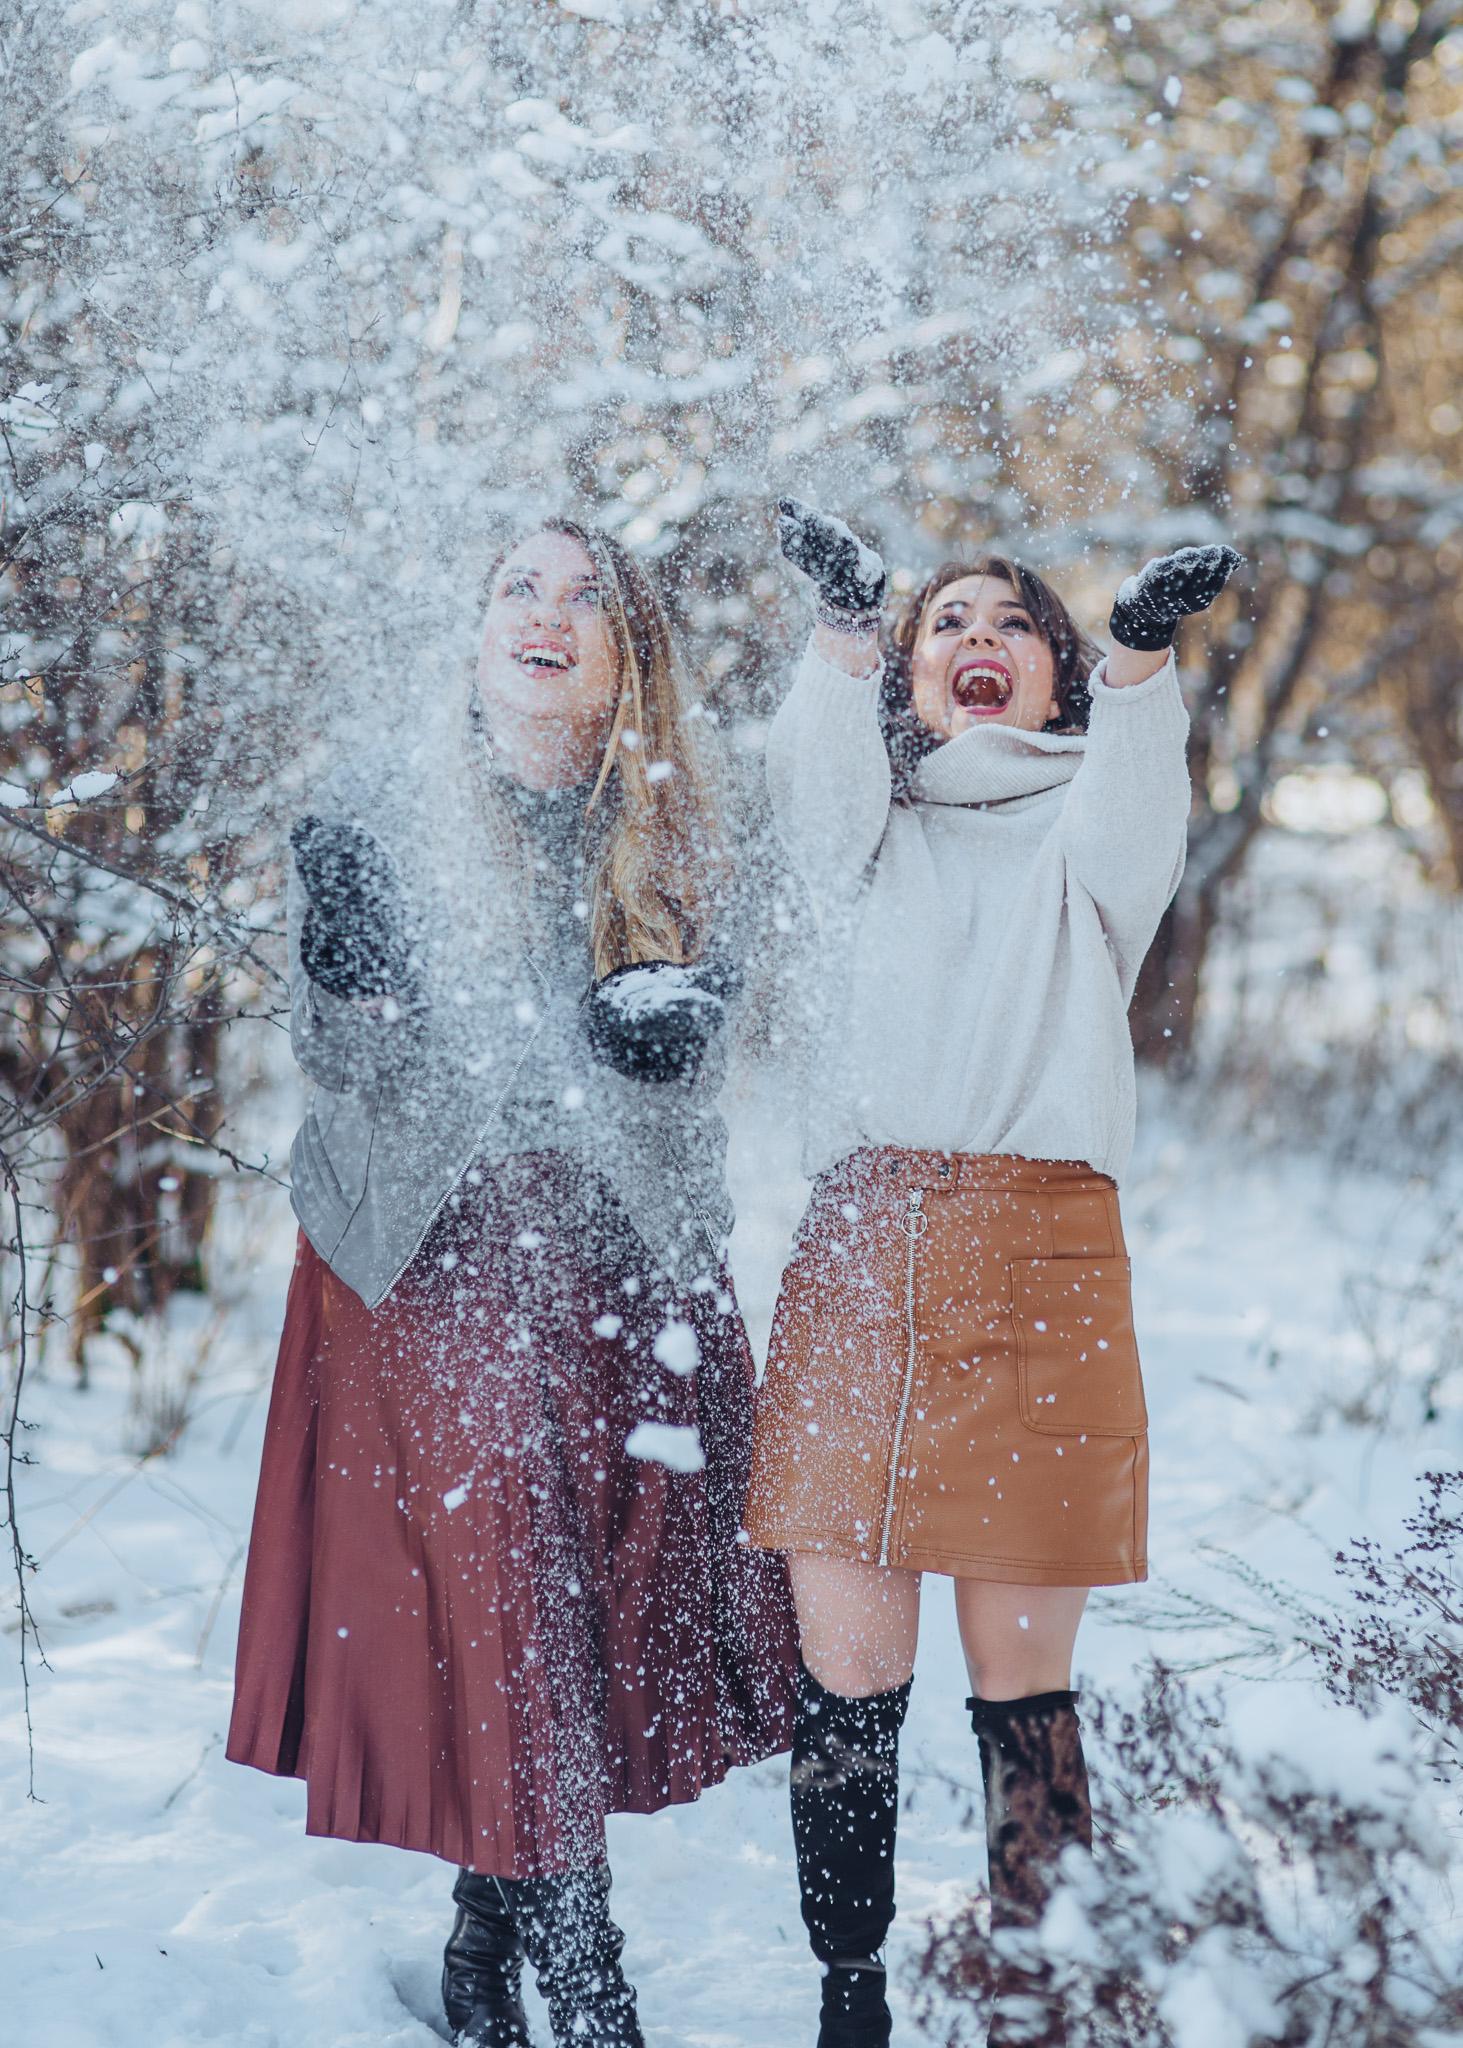 zimowa radosna sesja przyjaciółek w plenerze w śniegu warszawa piaseczno konstancin wilanow